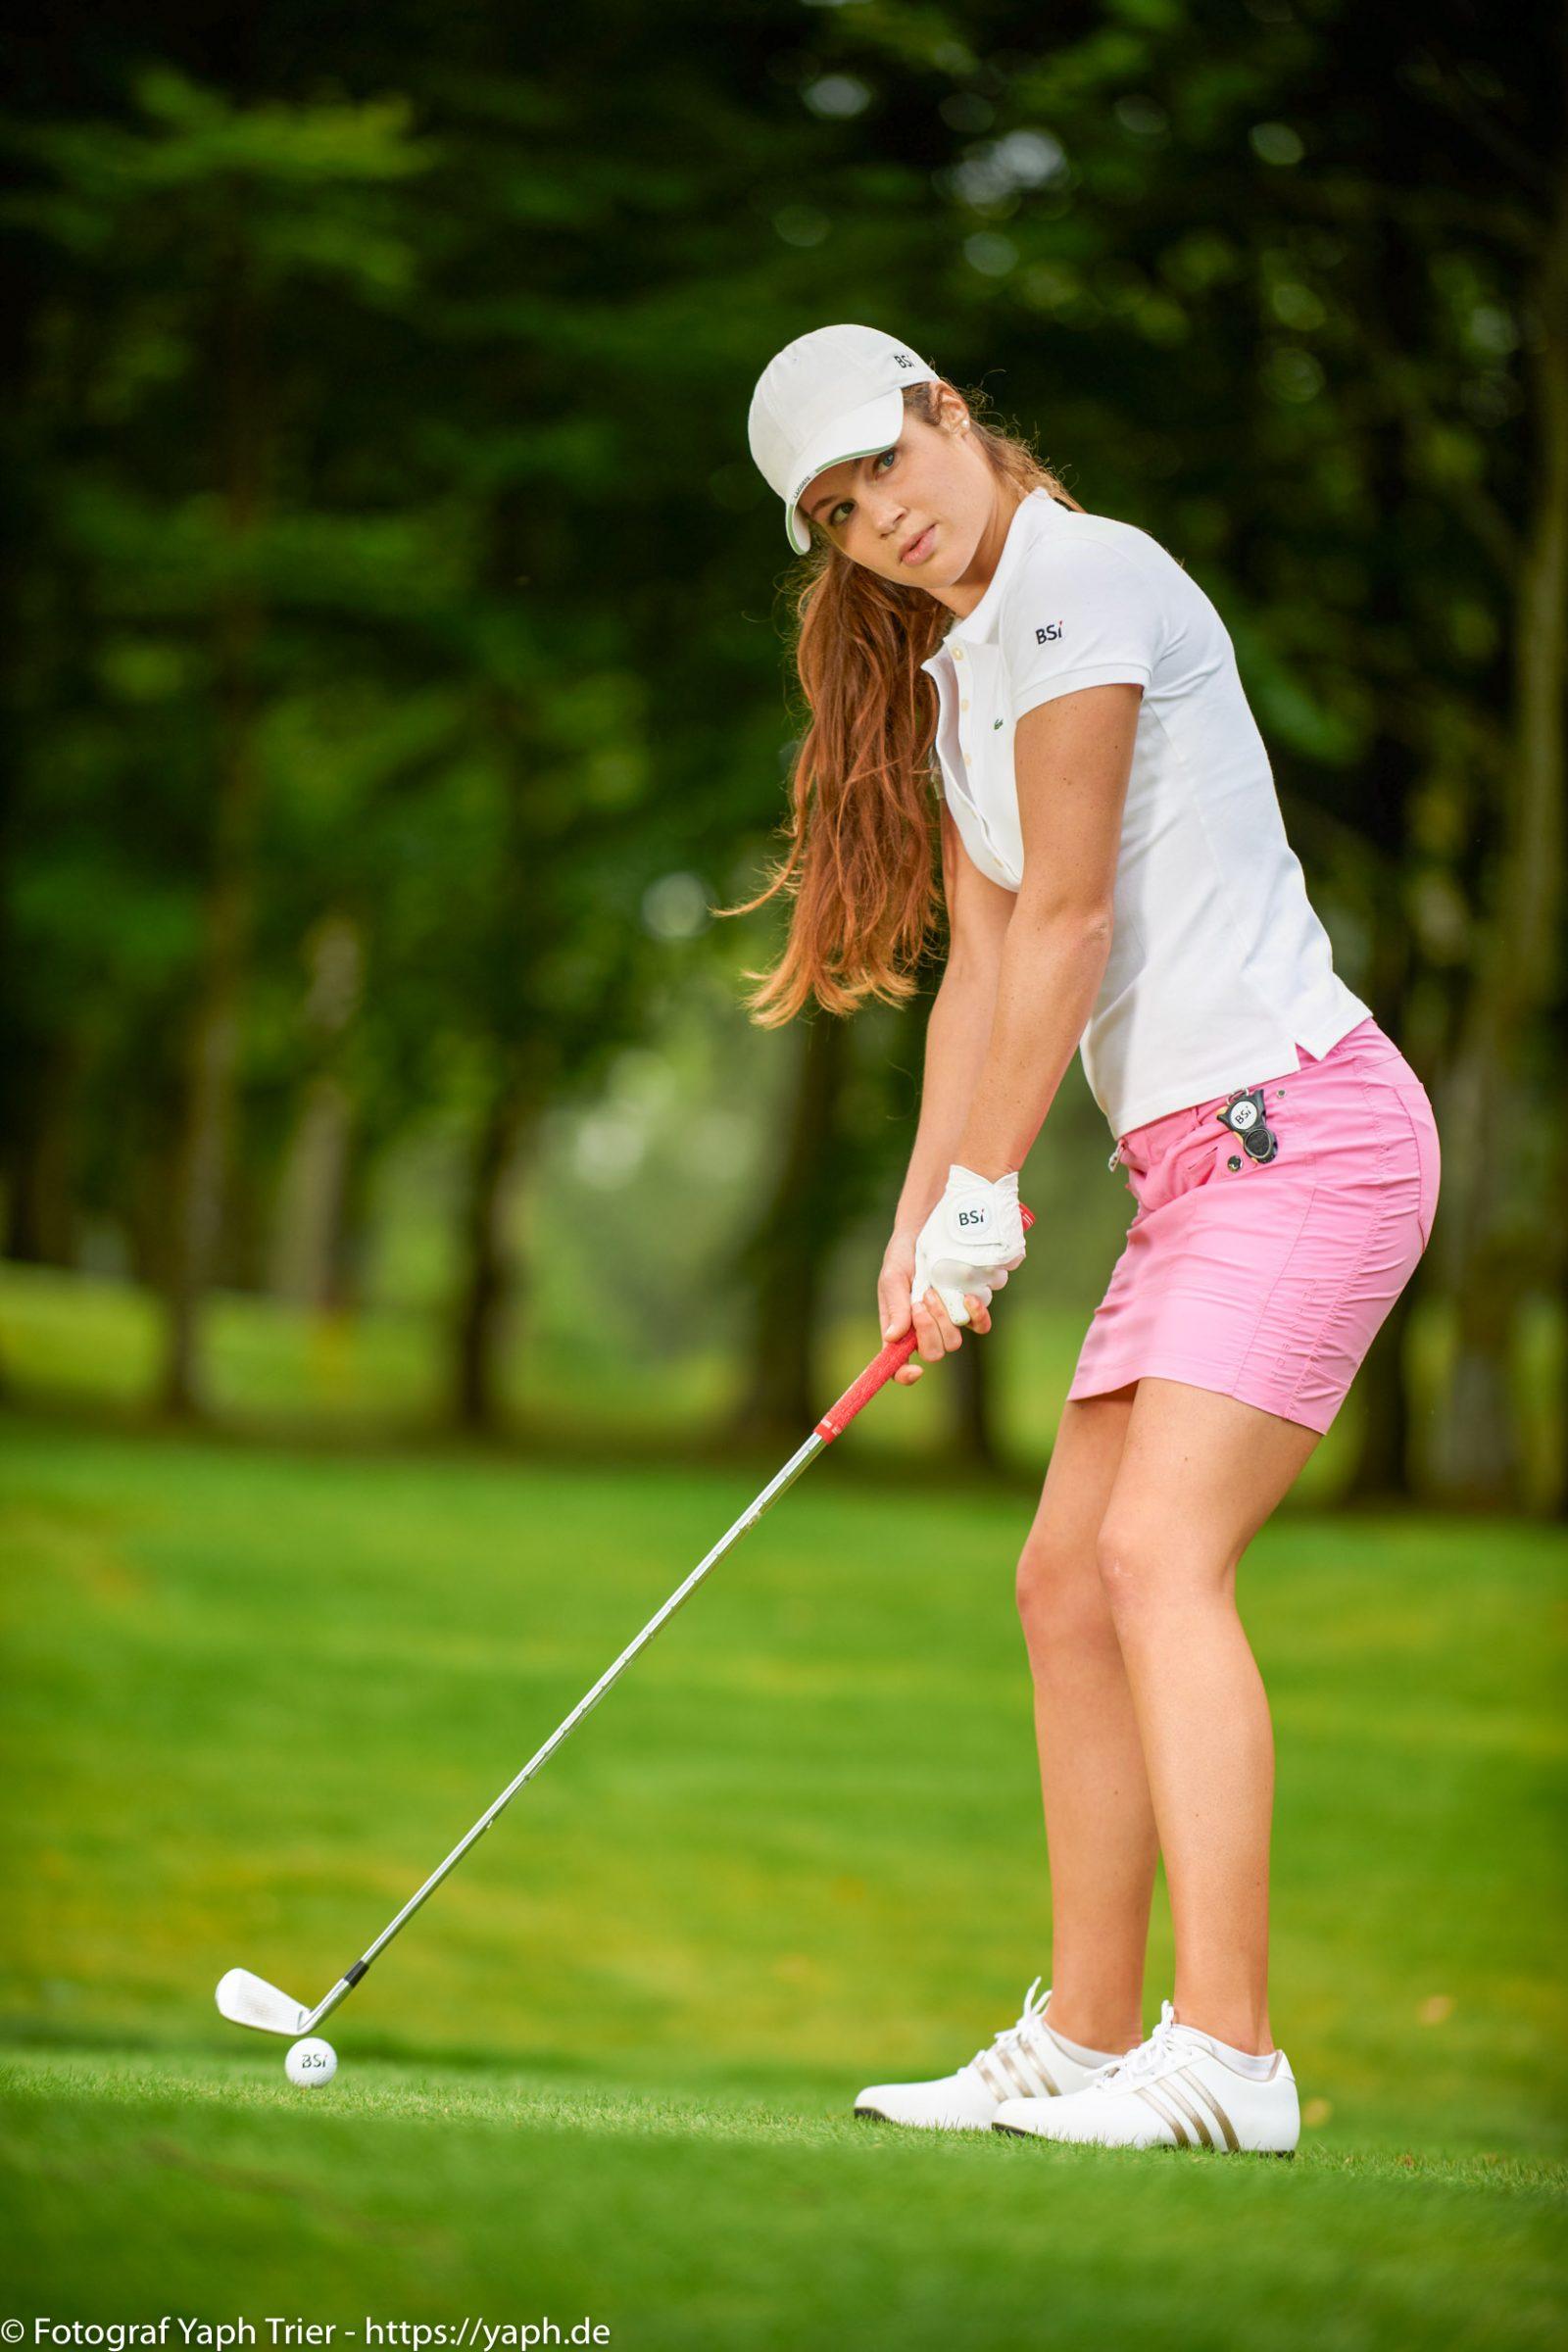 Liebelei Elena Lawrence - luxemburger Golfspielerin bei Fotograf Yaph - 19